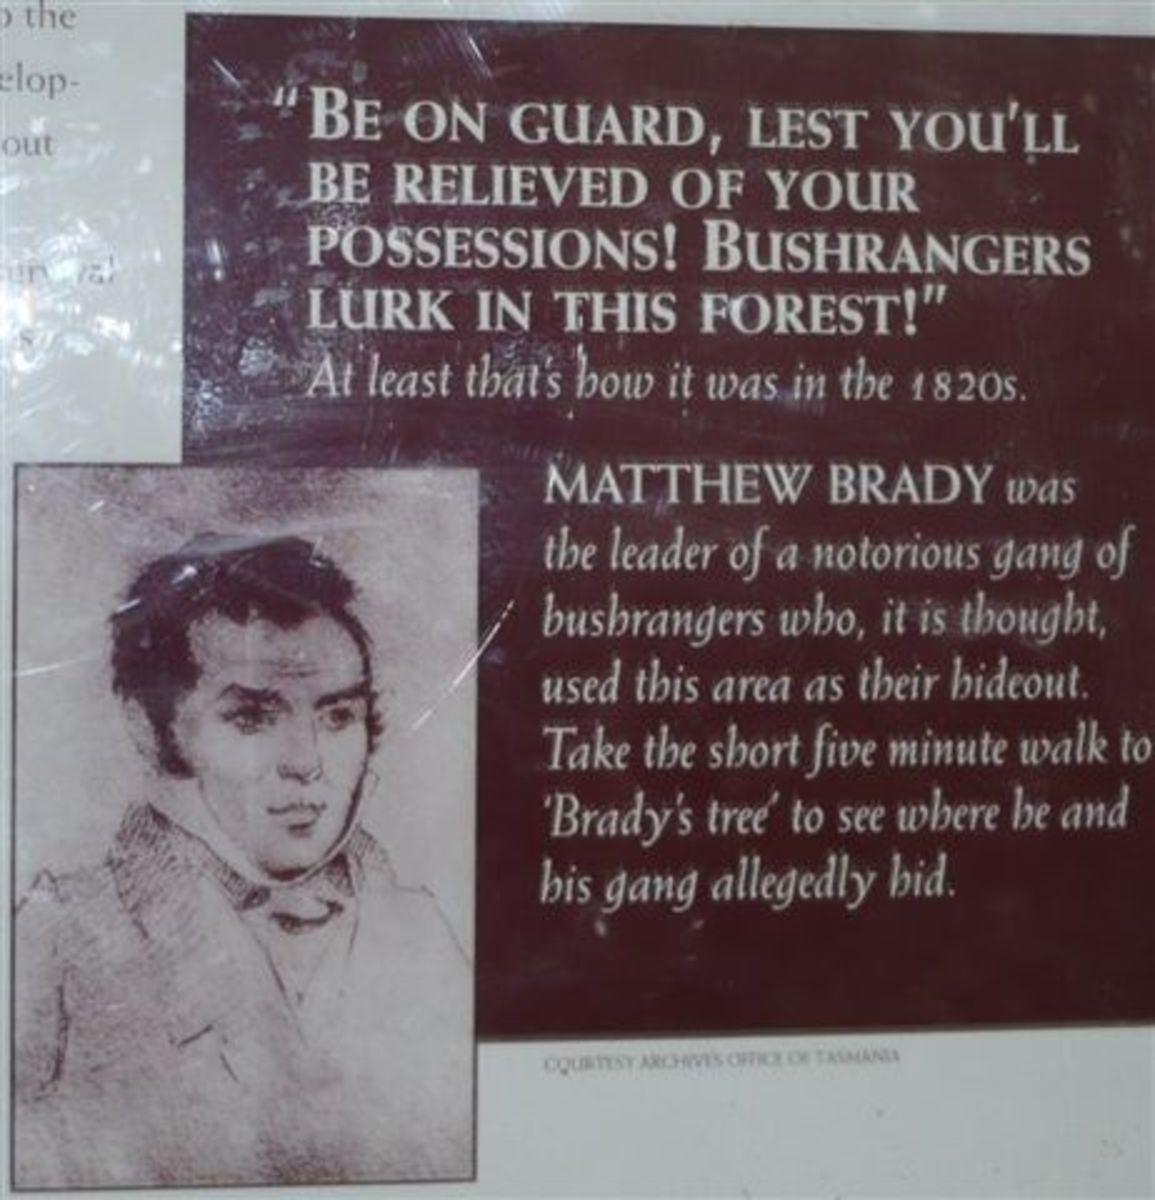 matthewbrady